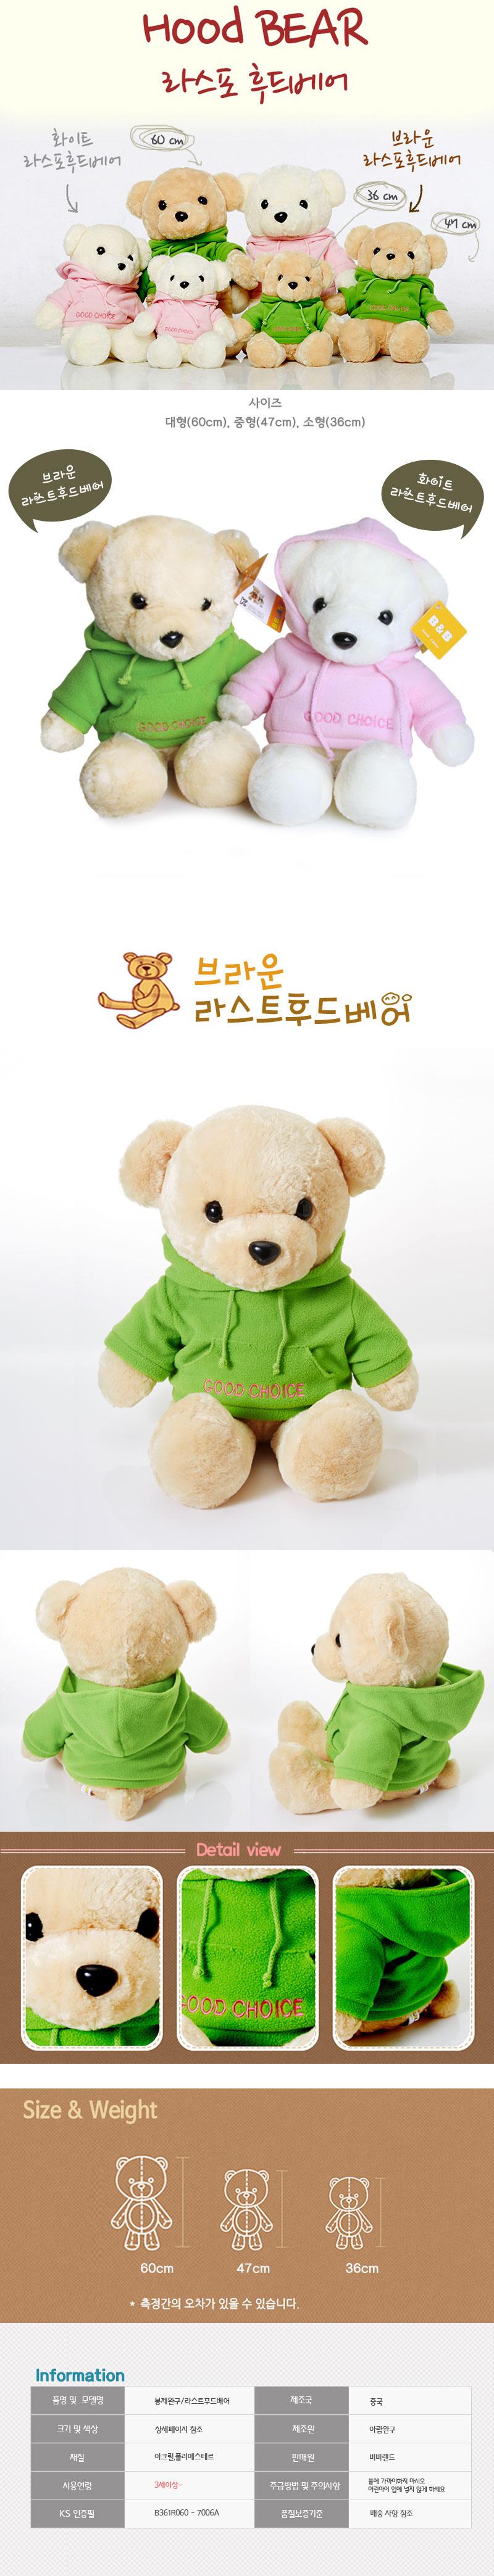 라스포후드베어 소형-브라운 - 누리토이즈, 14,500원, 애니멀인형, 곰 인형